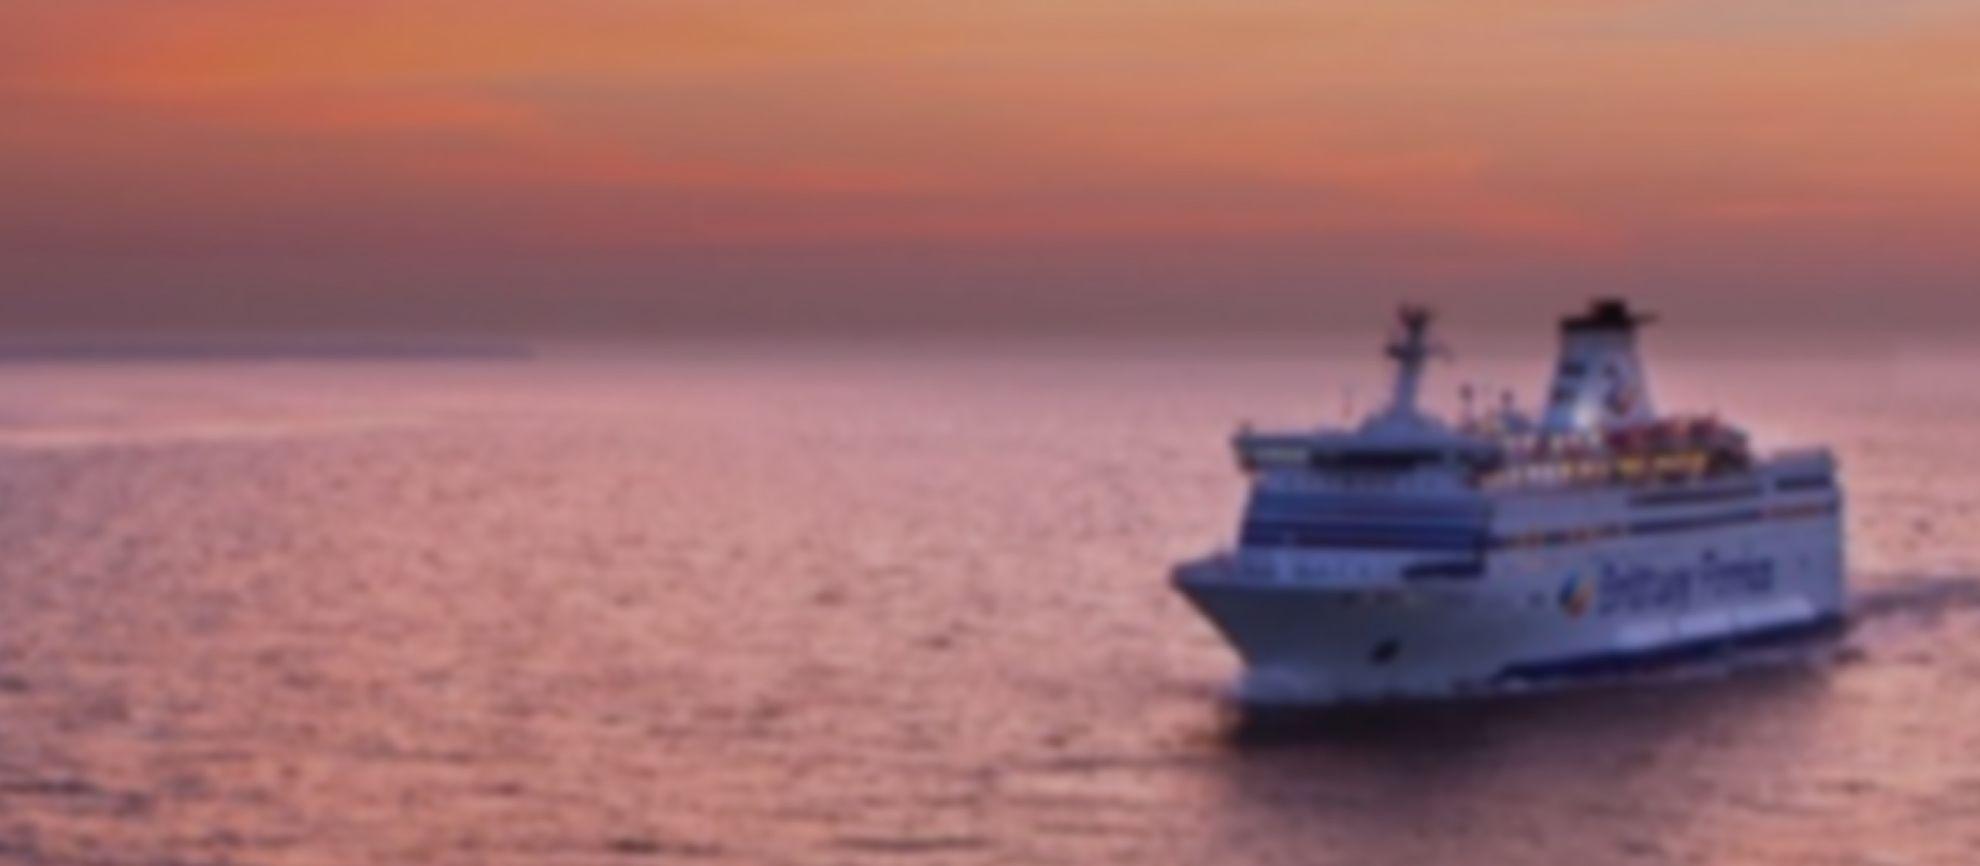 Imagen de un barco